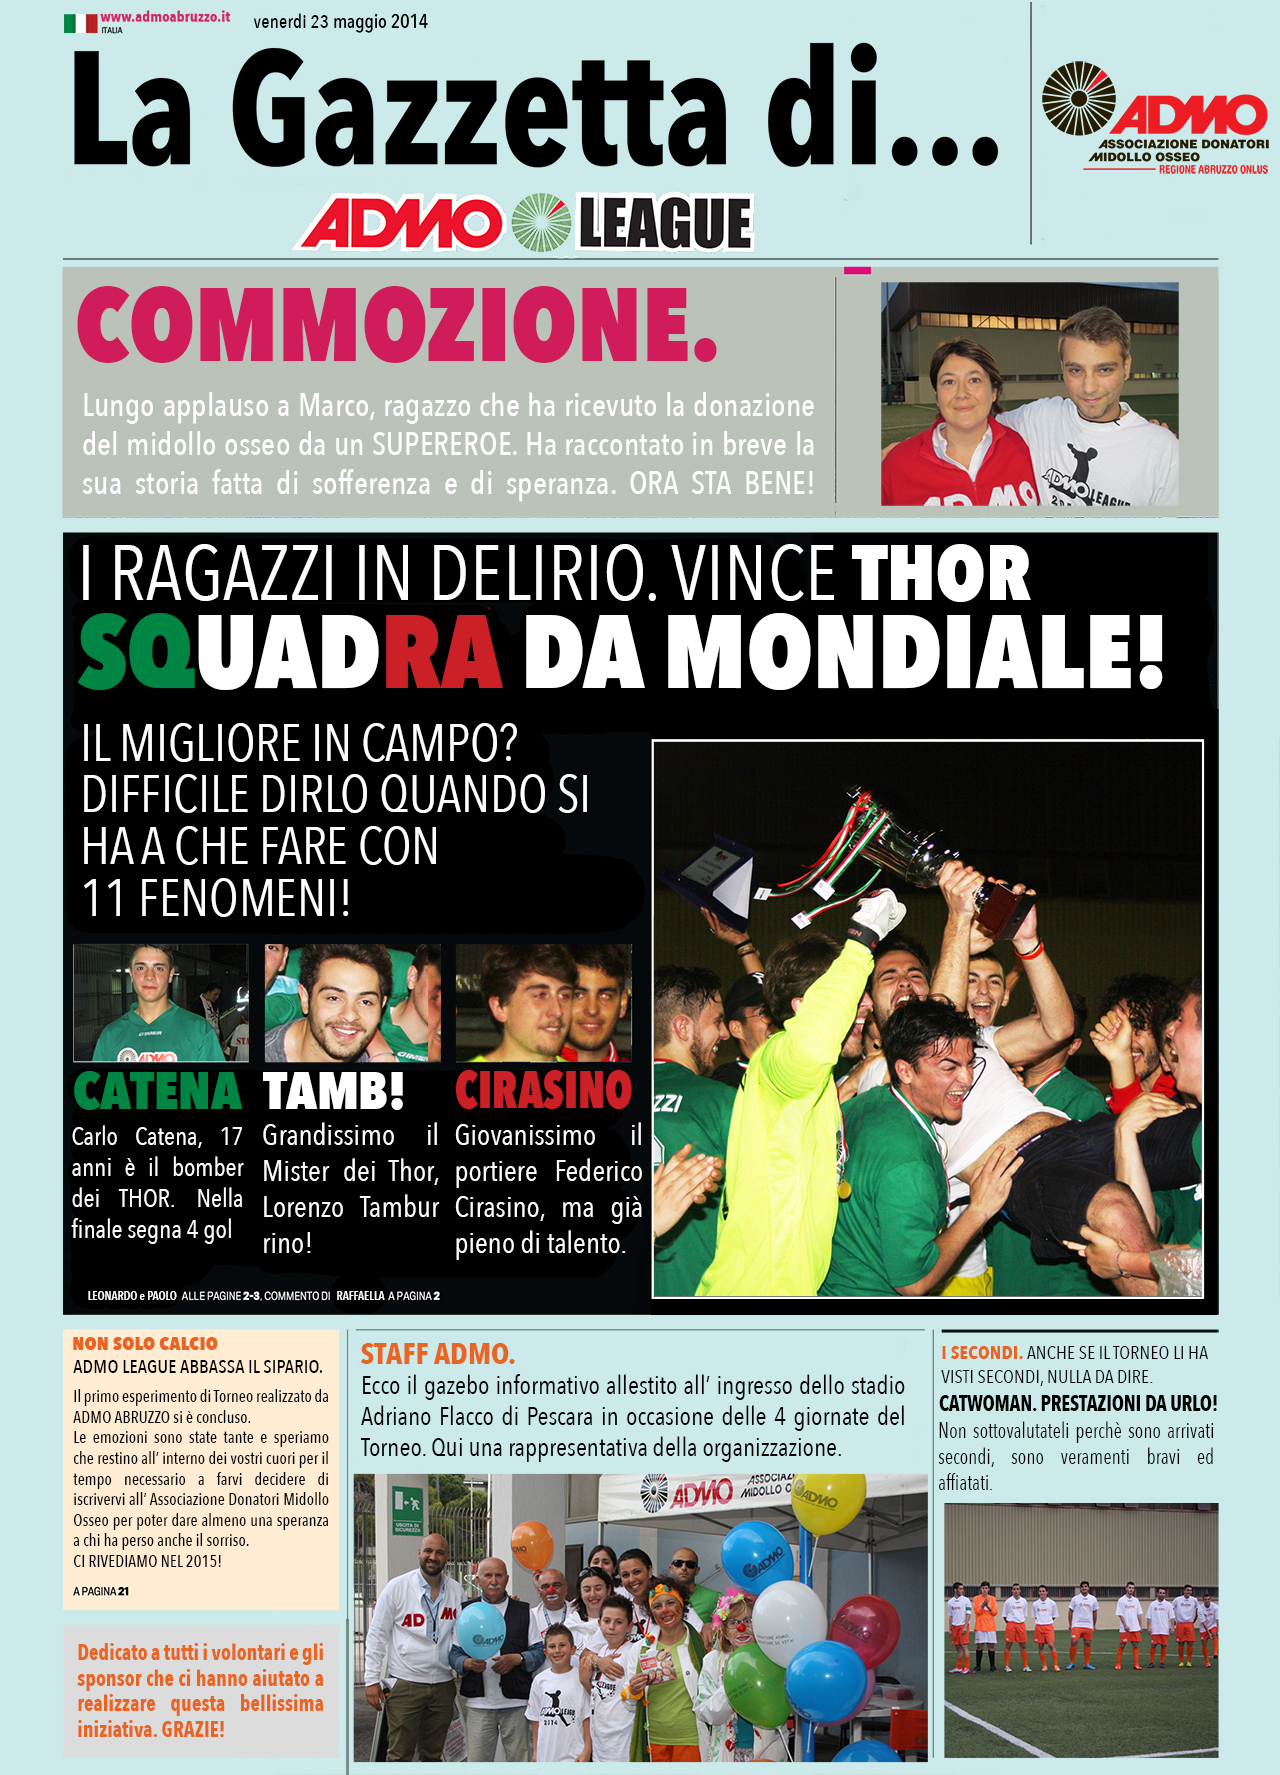 La Gazzetta di 23-05-14 1280